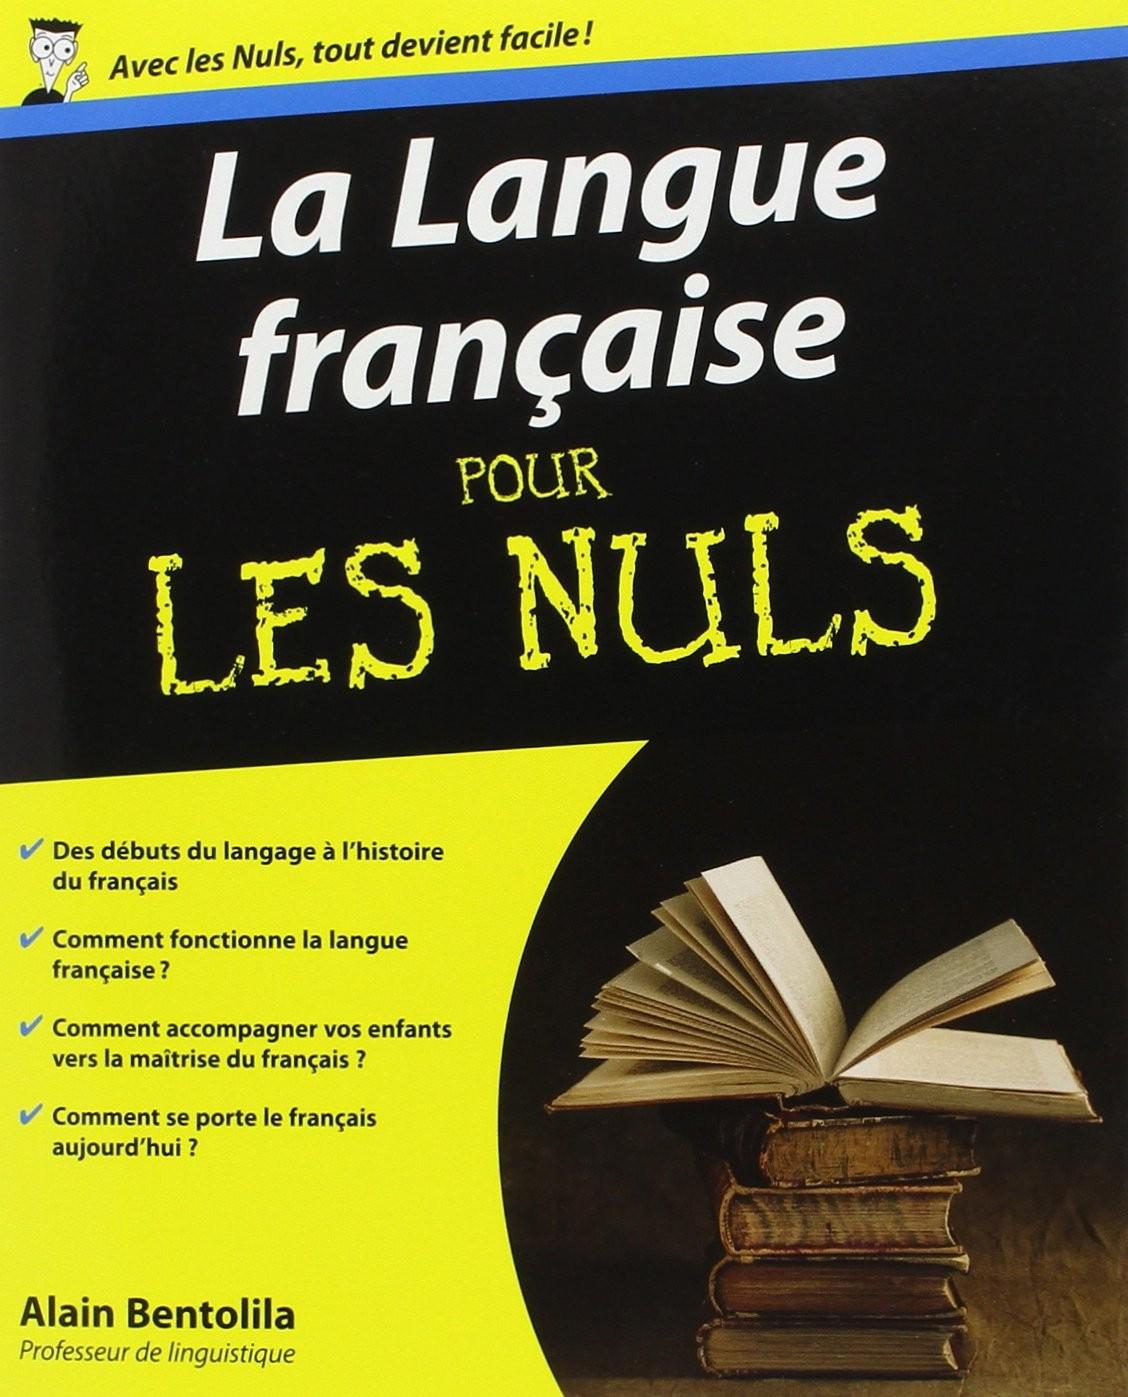 Langue française (7)